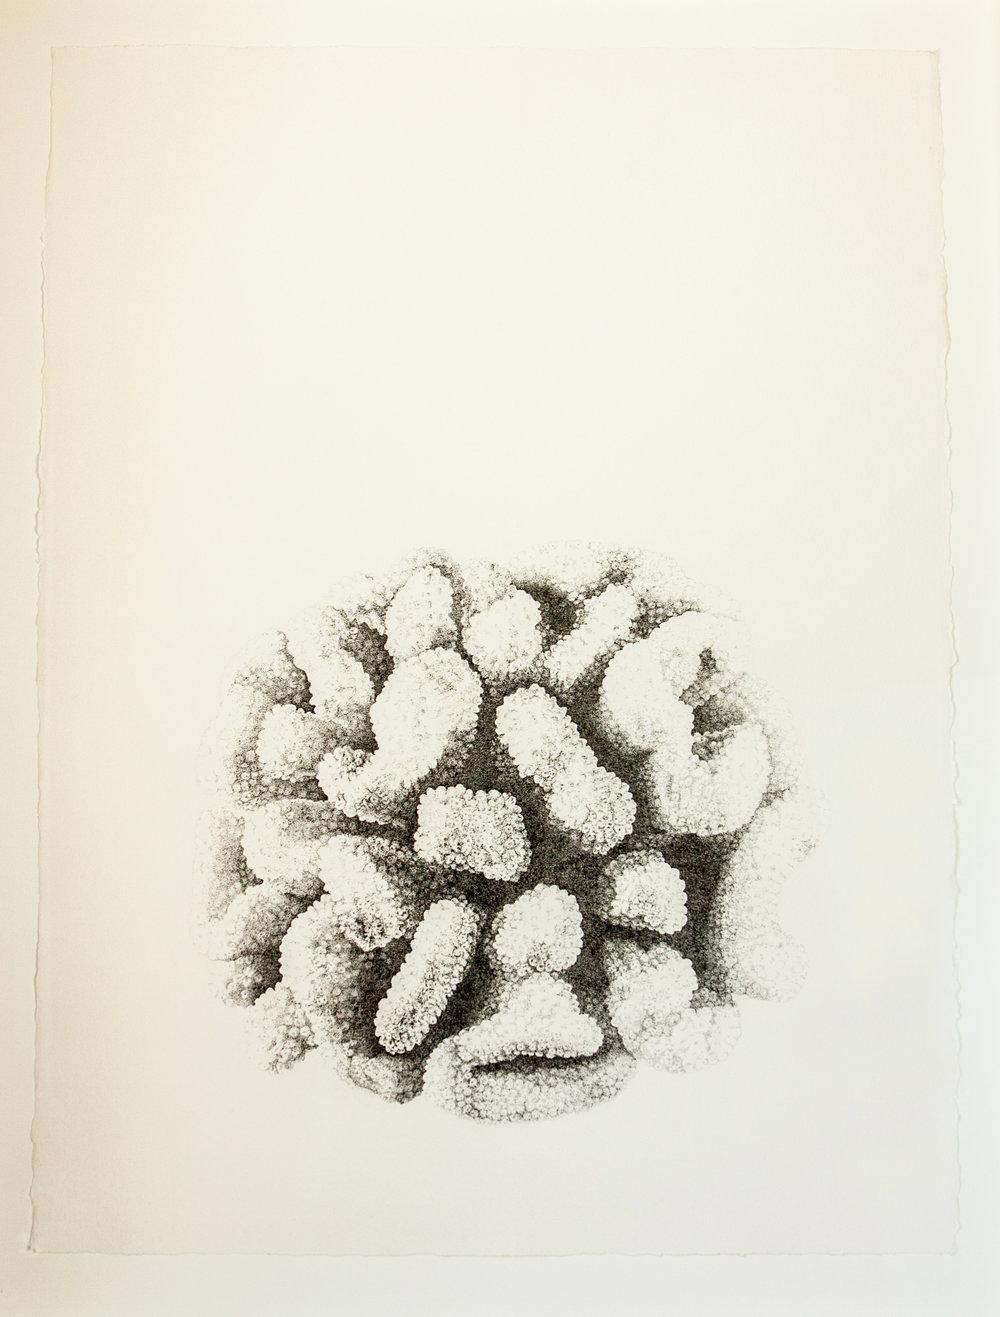 Pocillopora meandrina (cauliflower coral)